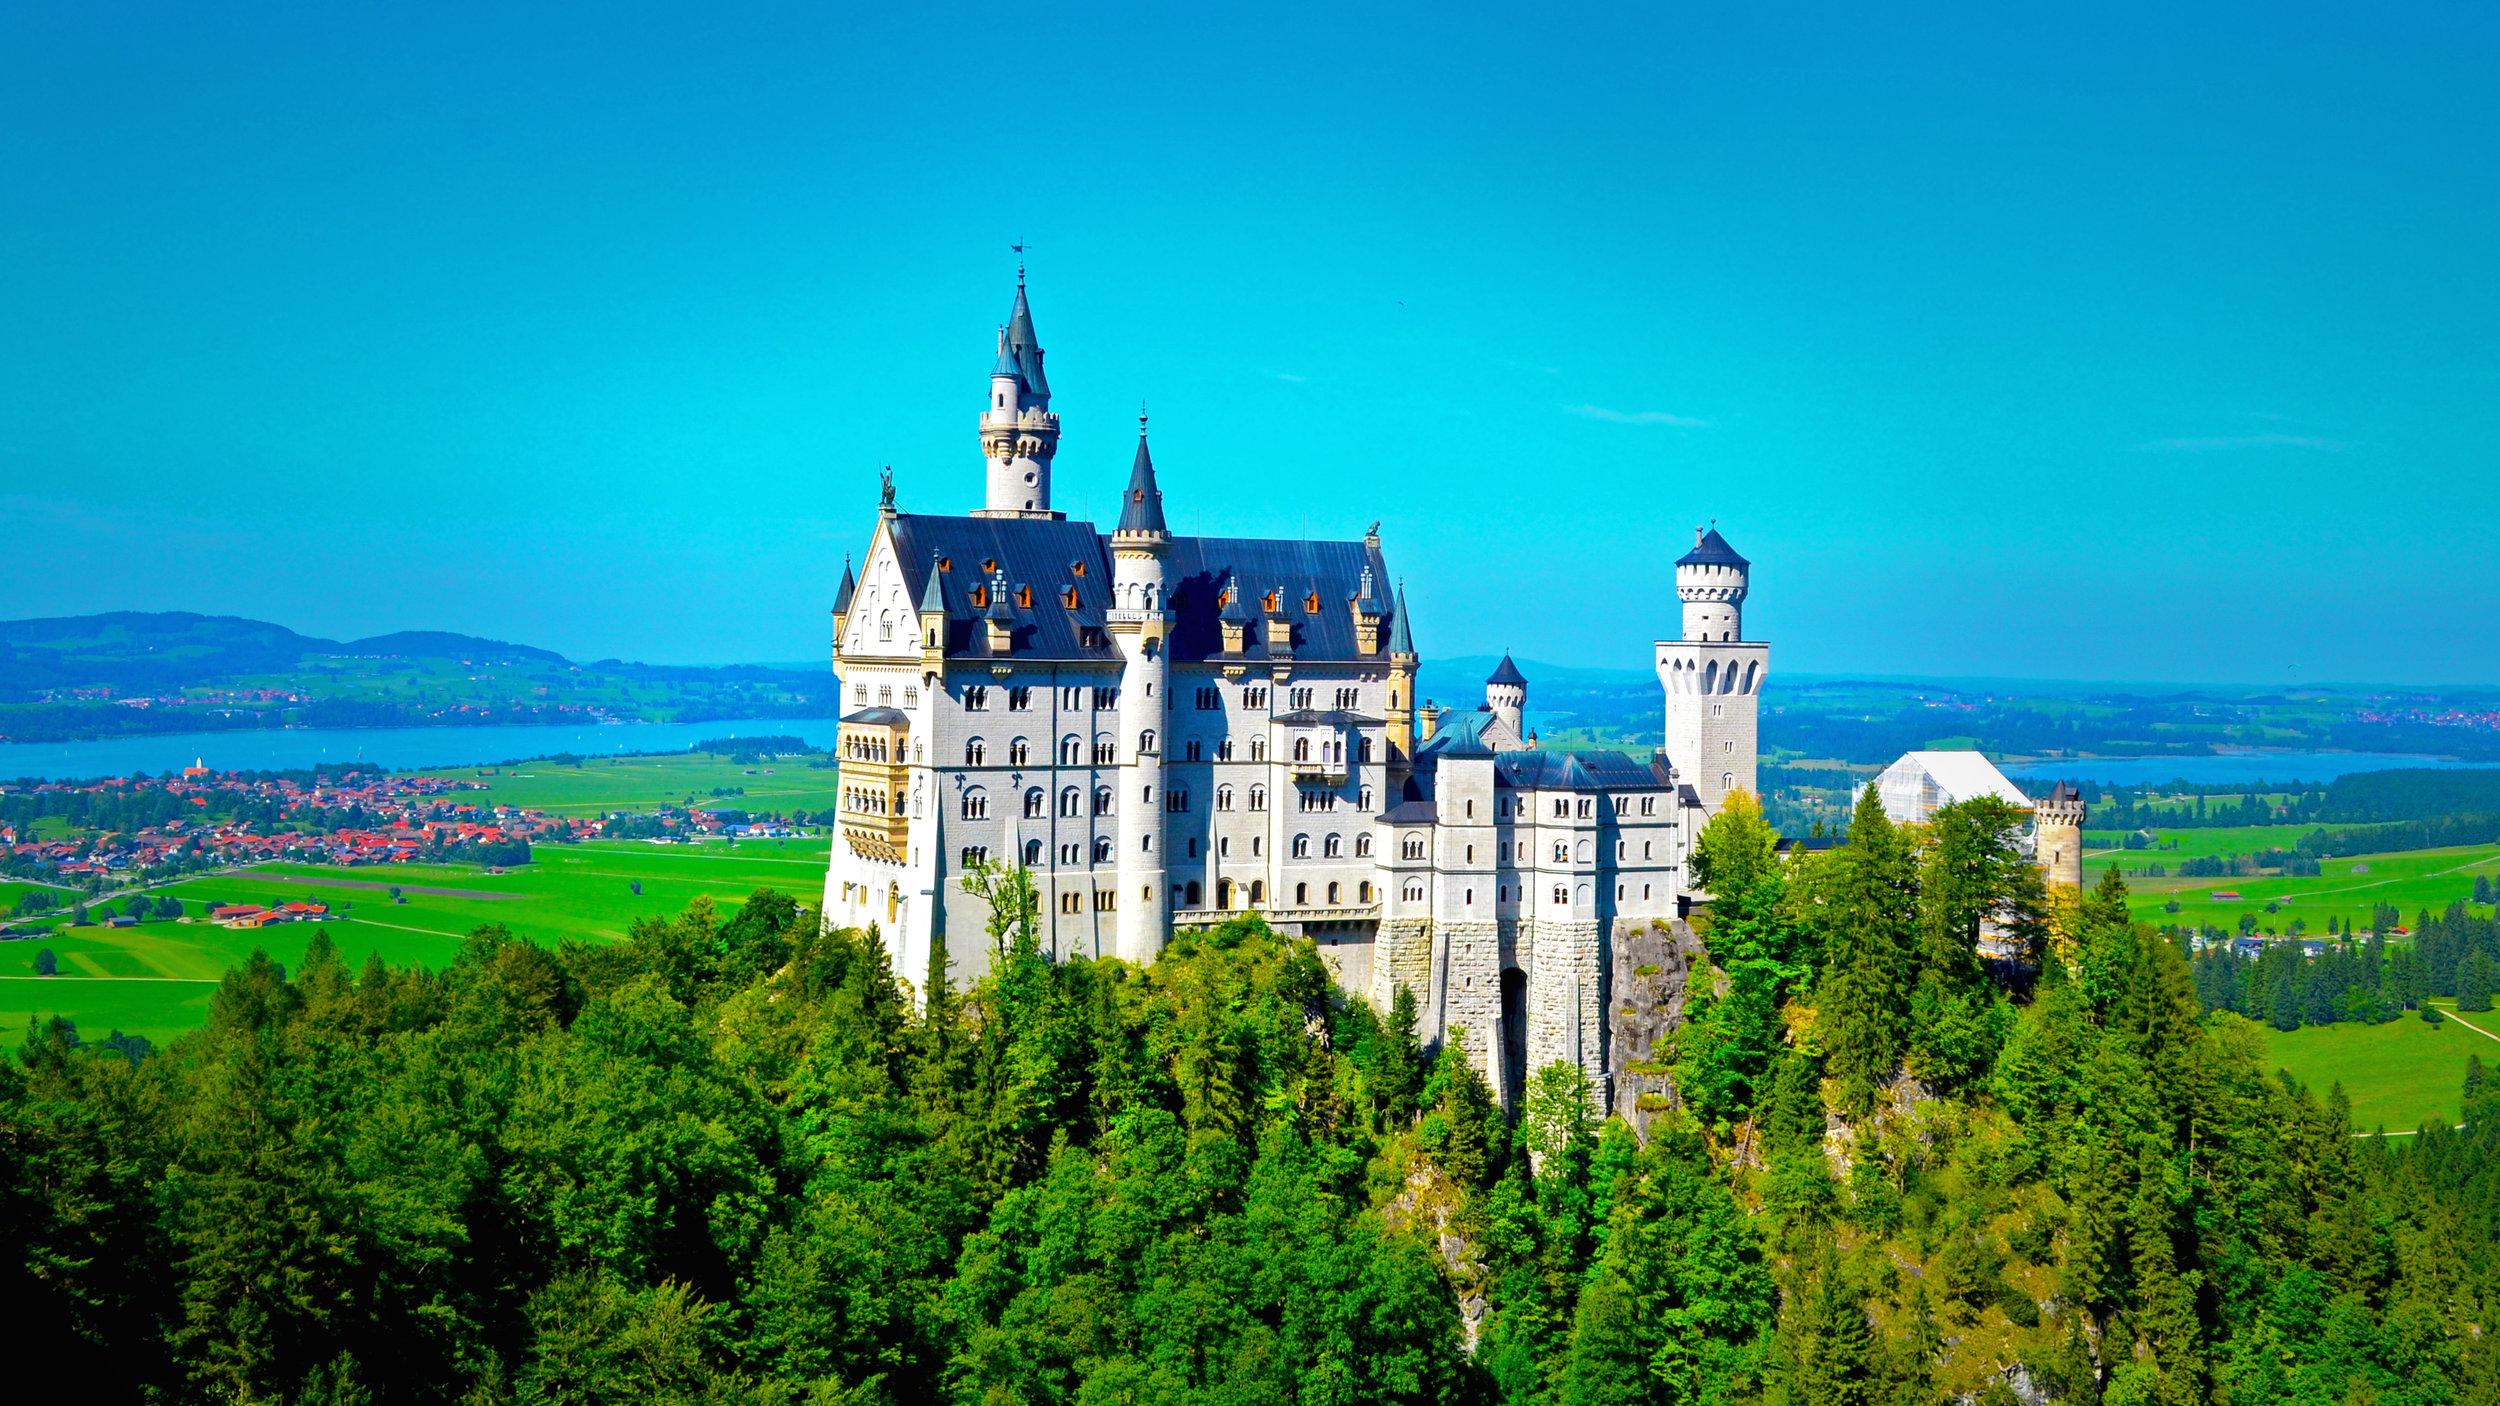 Neuschwanstein_Castle_-_Bavaria.jpg